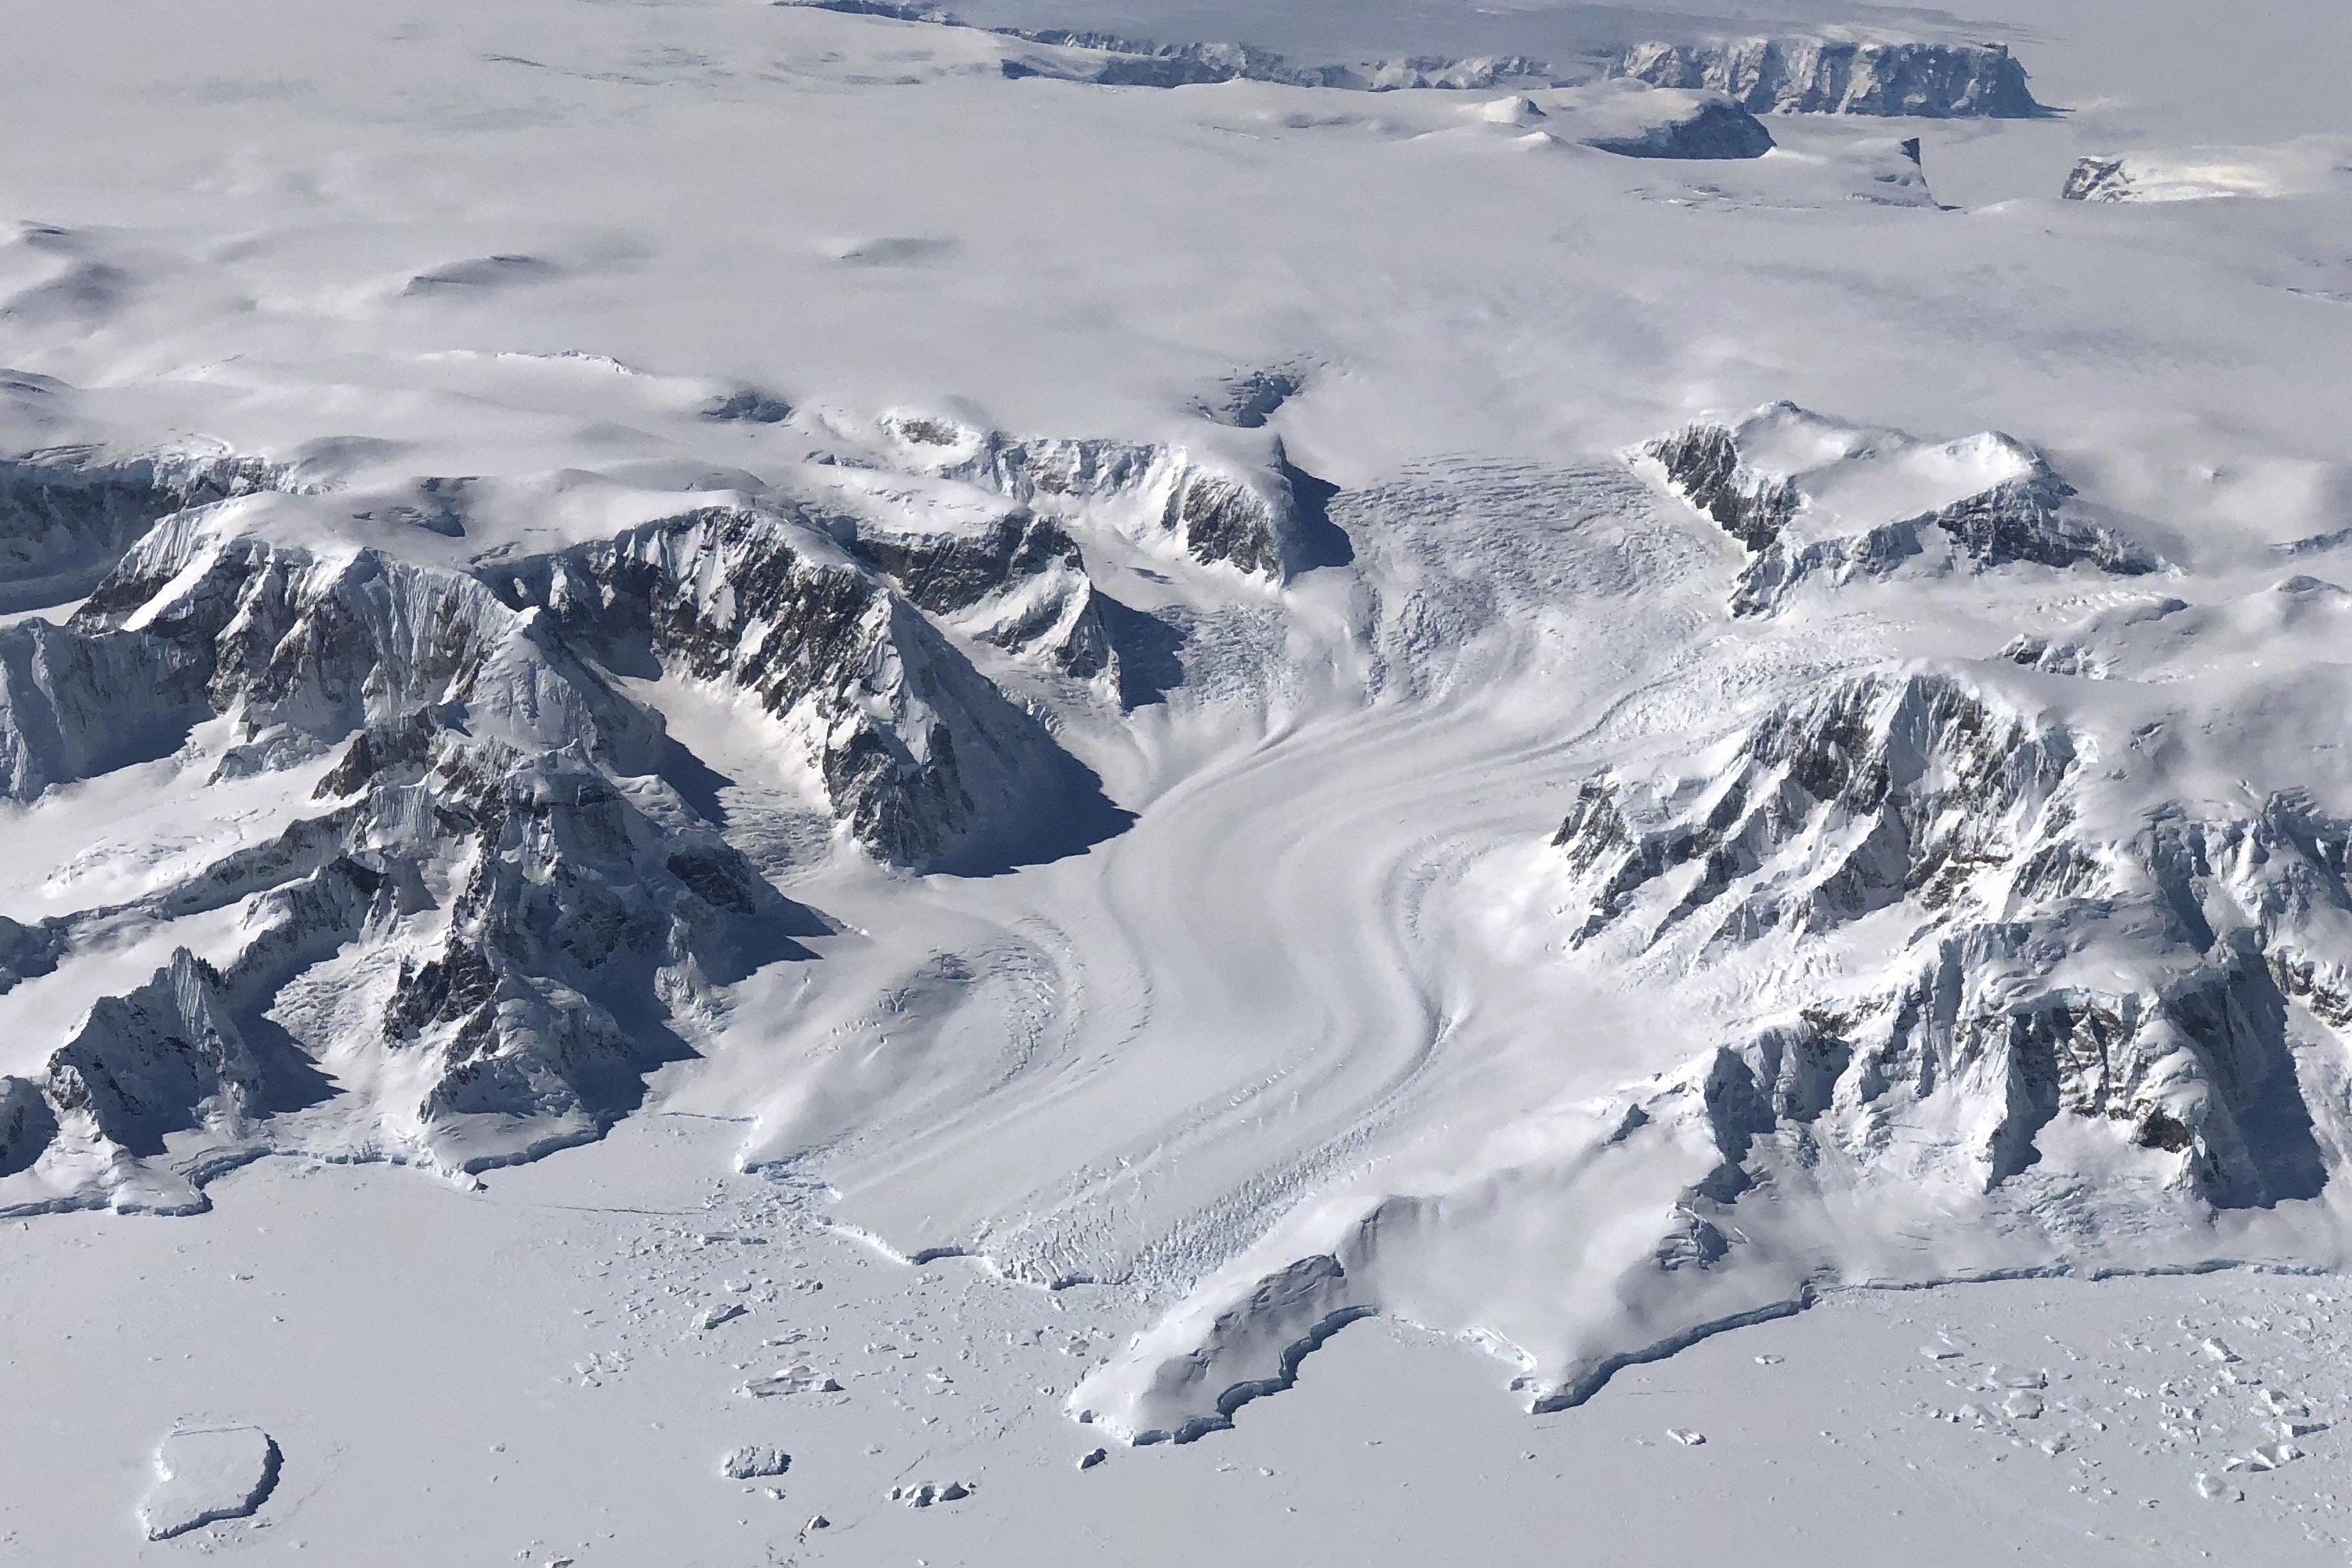 A szén-dioxid-szint csökkenése okozhatta az elmúlt 66 millió év legnagyobb éghajlatváltozását